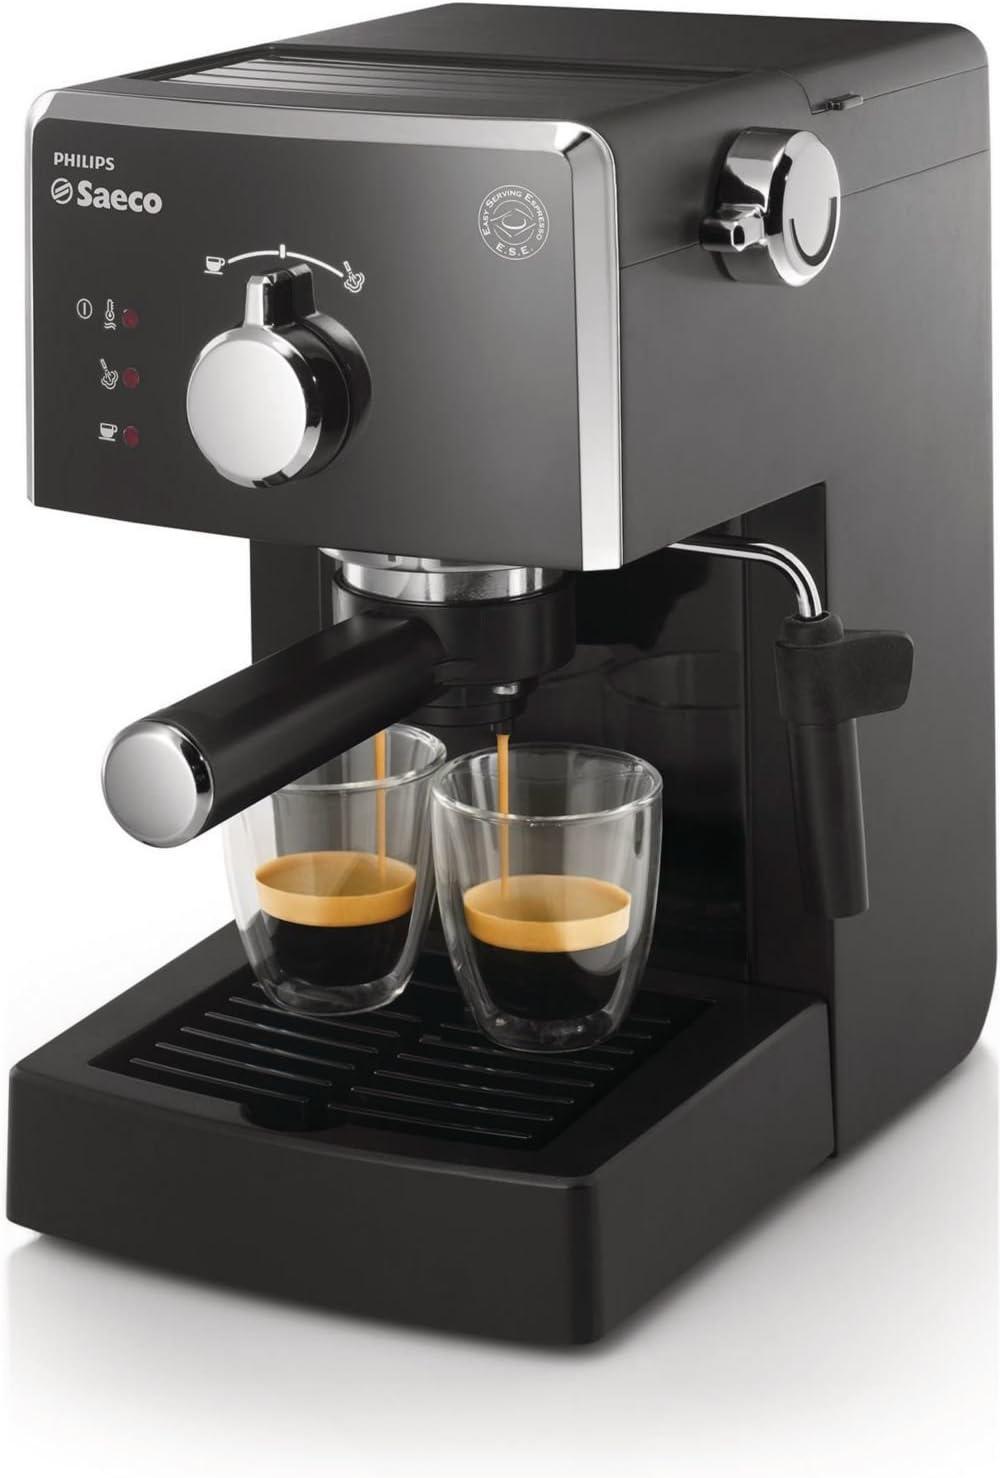 Saeco HD842301 - Cafetera espresso, manual y monodosis, 15 bares, deposito agua 1,2 L, color negro: Amazon.es: Hogar